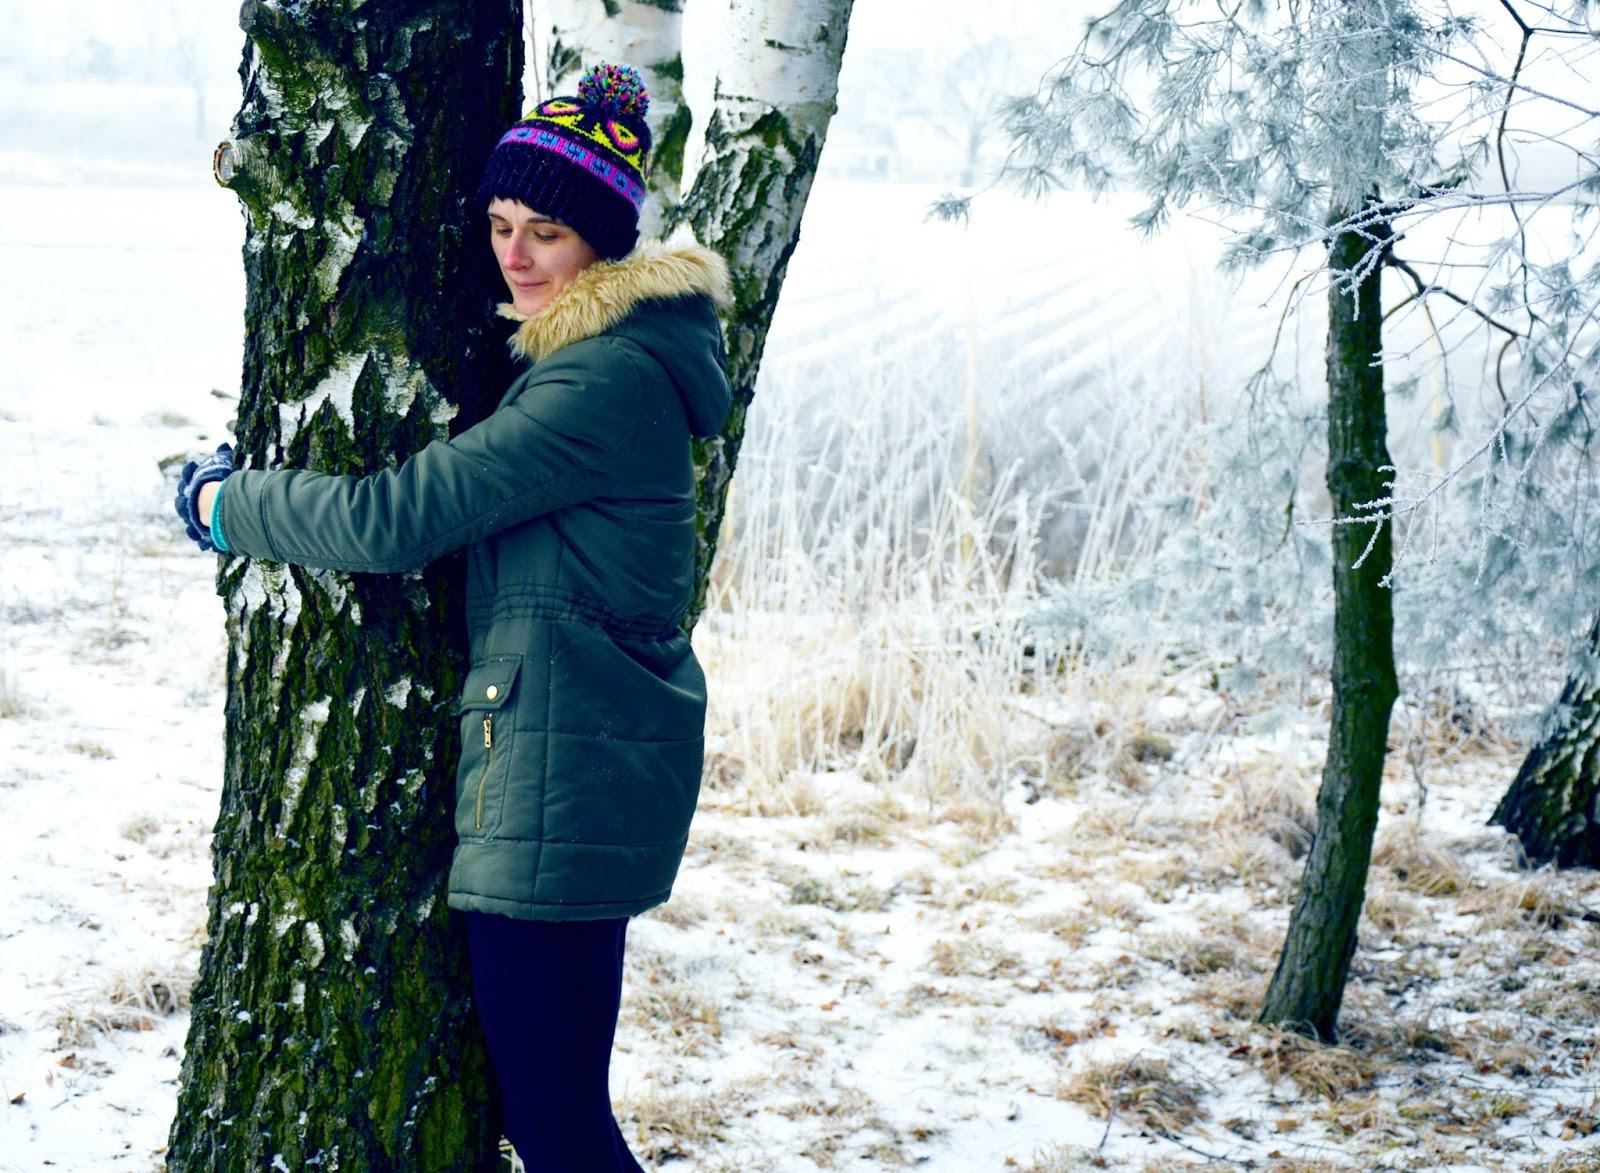 drzewa które leczą, kąpiele leśne, przytulanie drzew